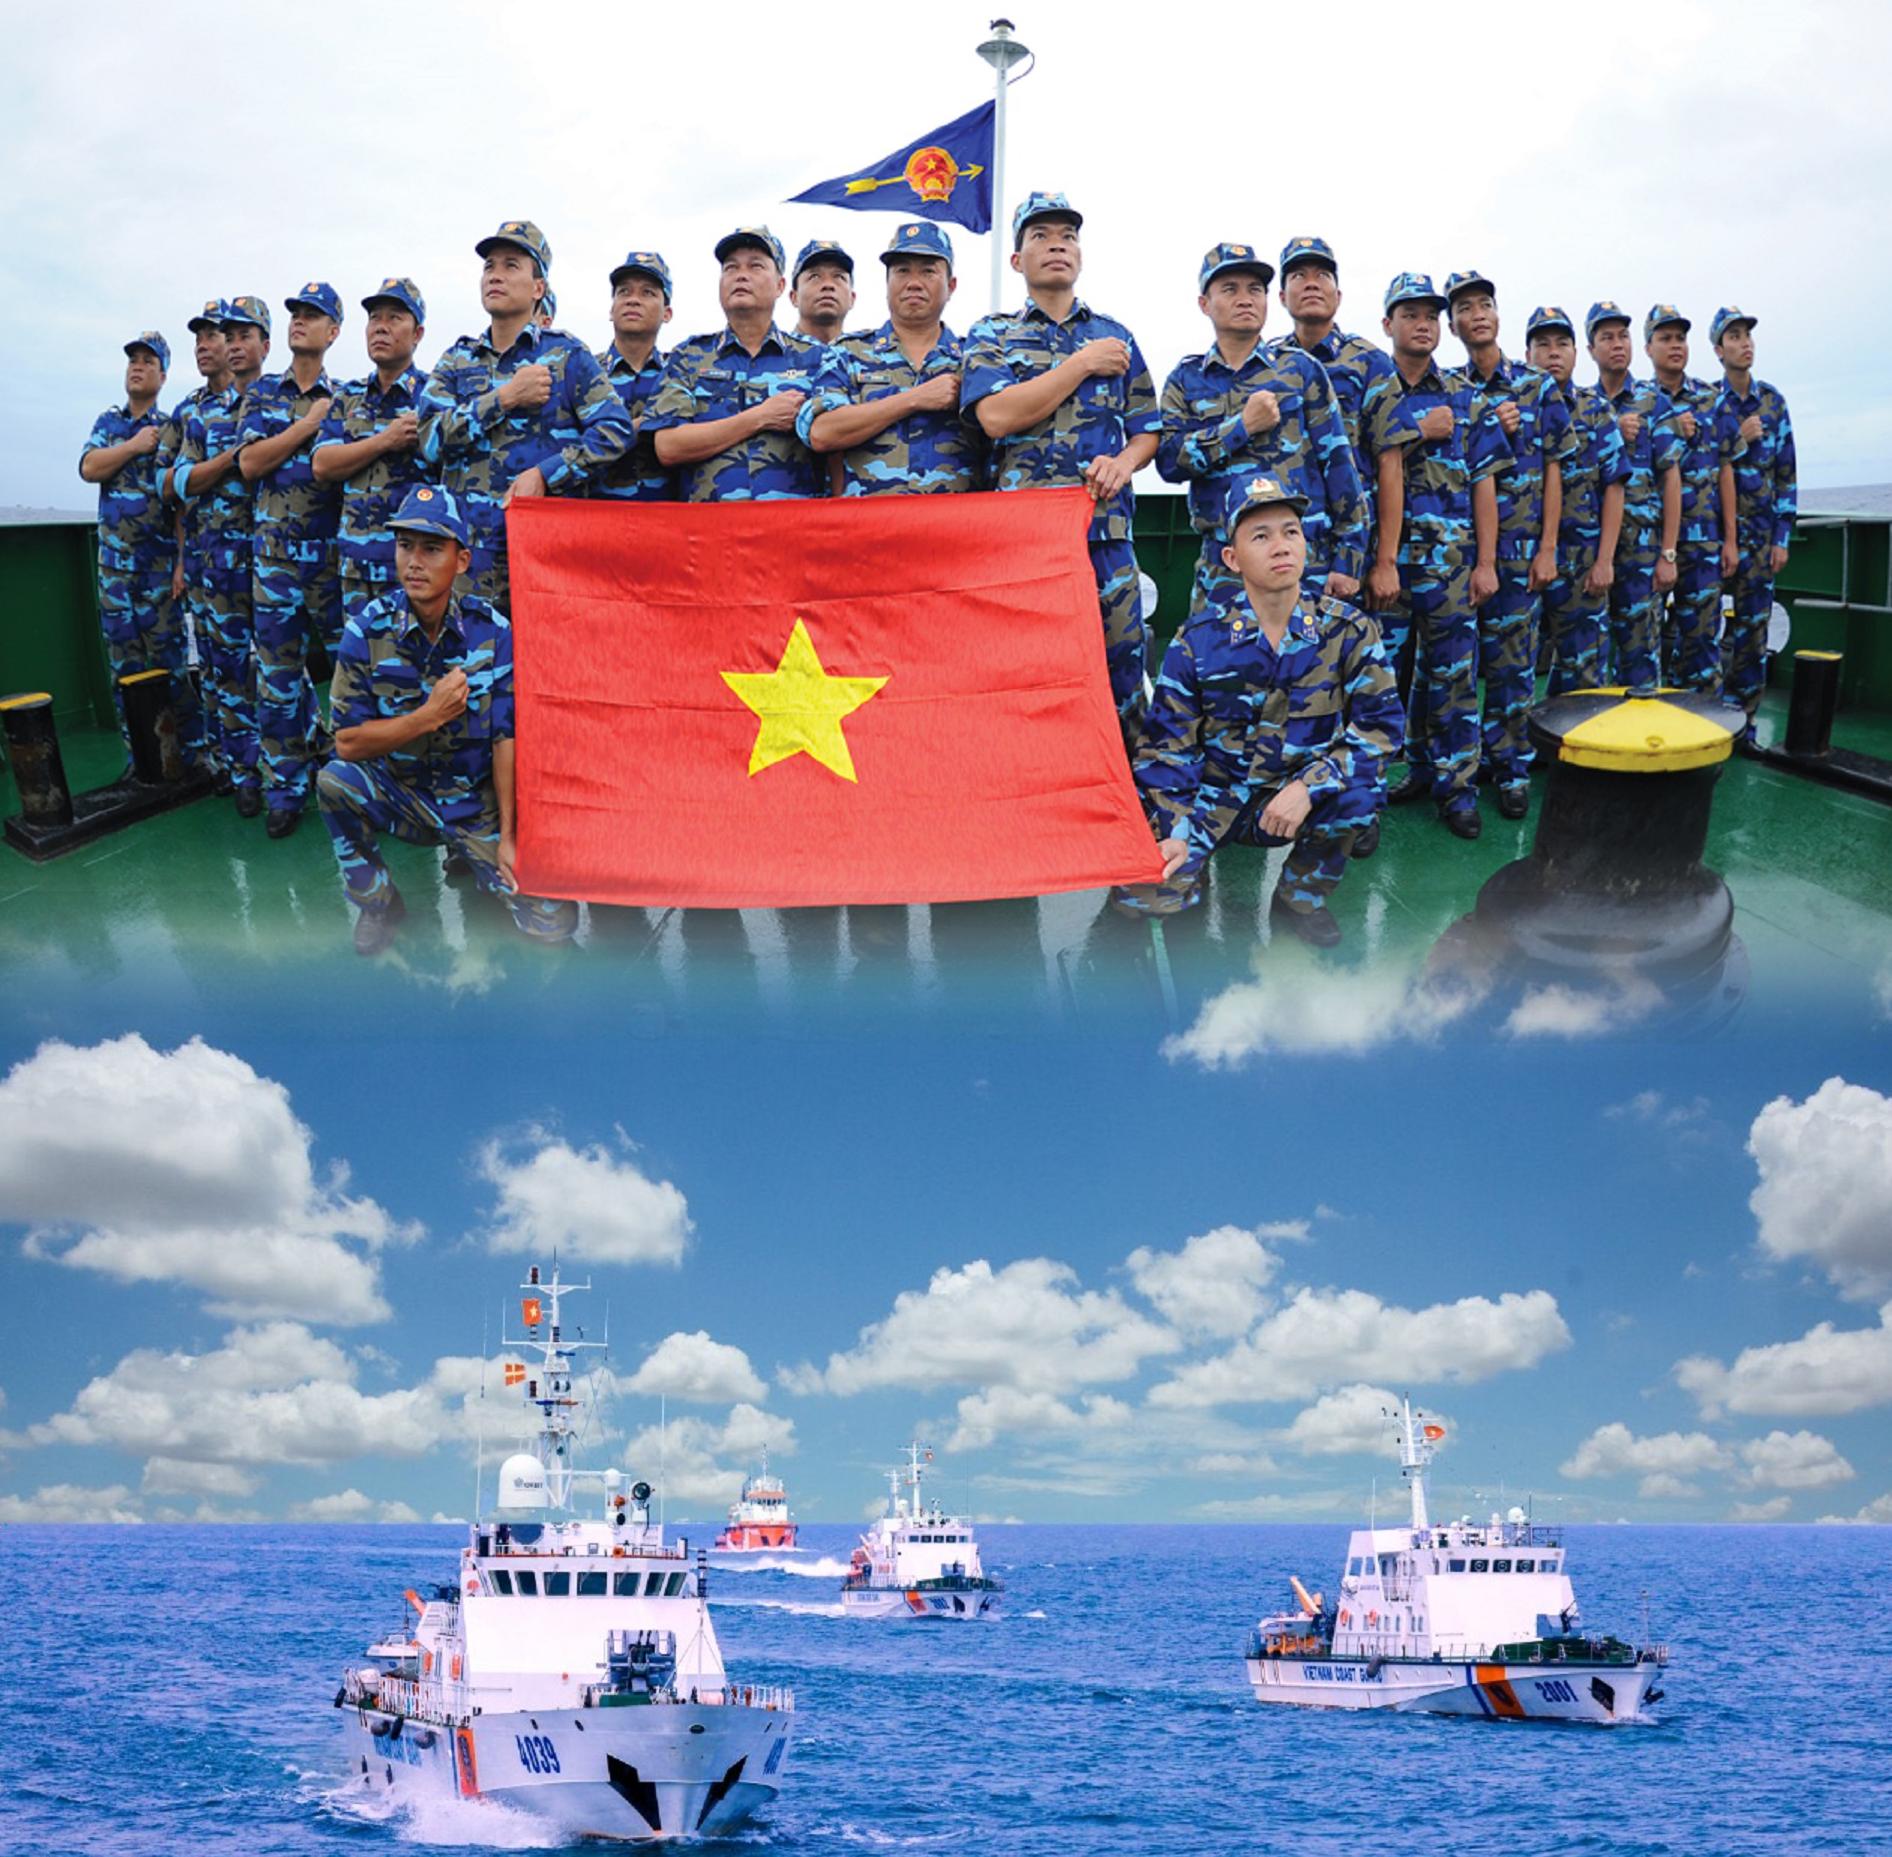 Thi trực tuyến toàn quốc 'Tìm hiểu Luật Cảnh sát biển Việt Nam'